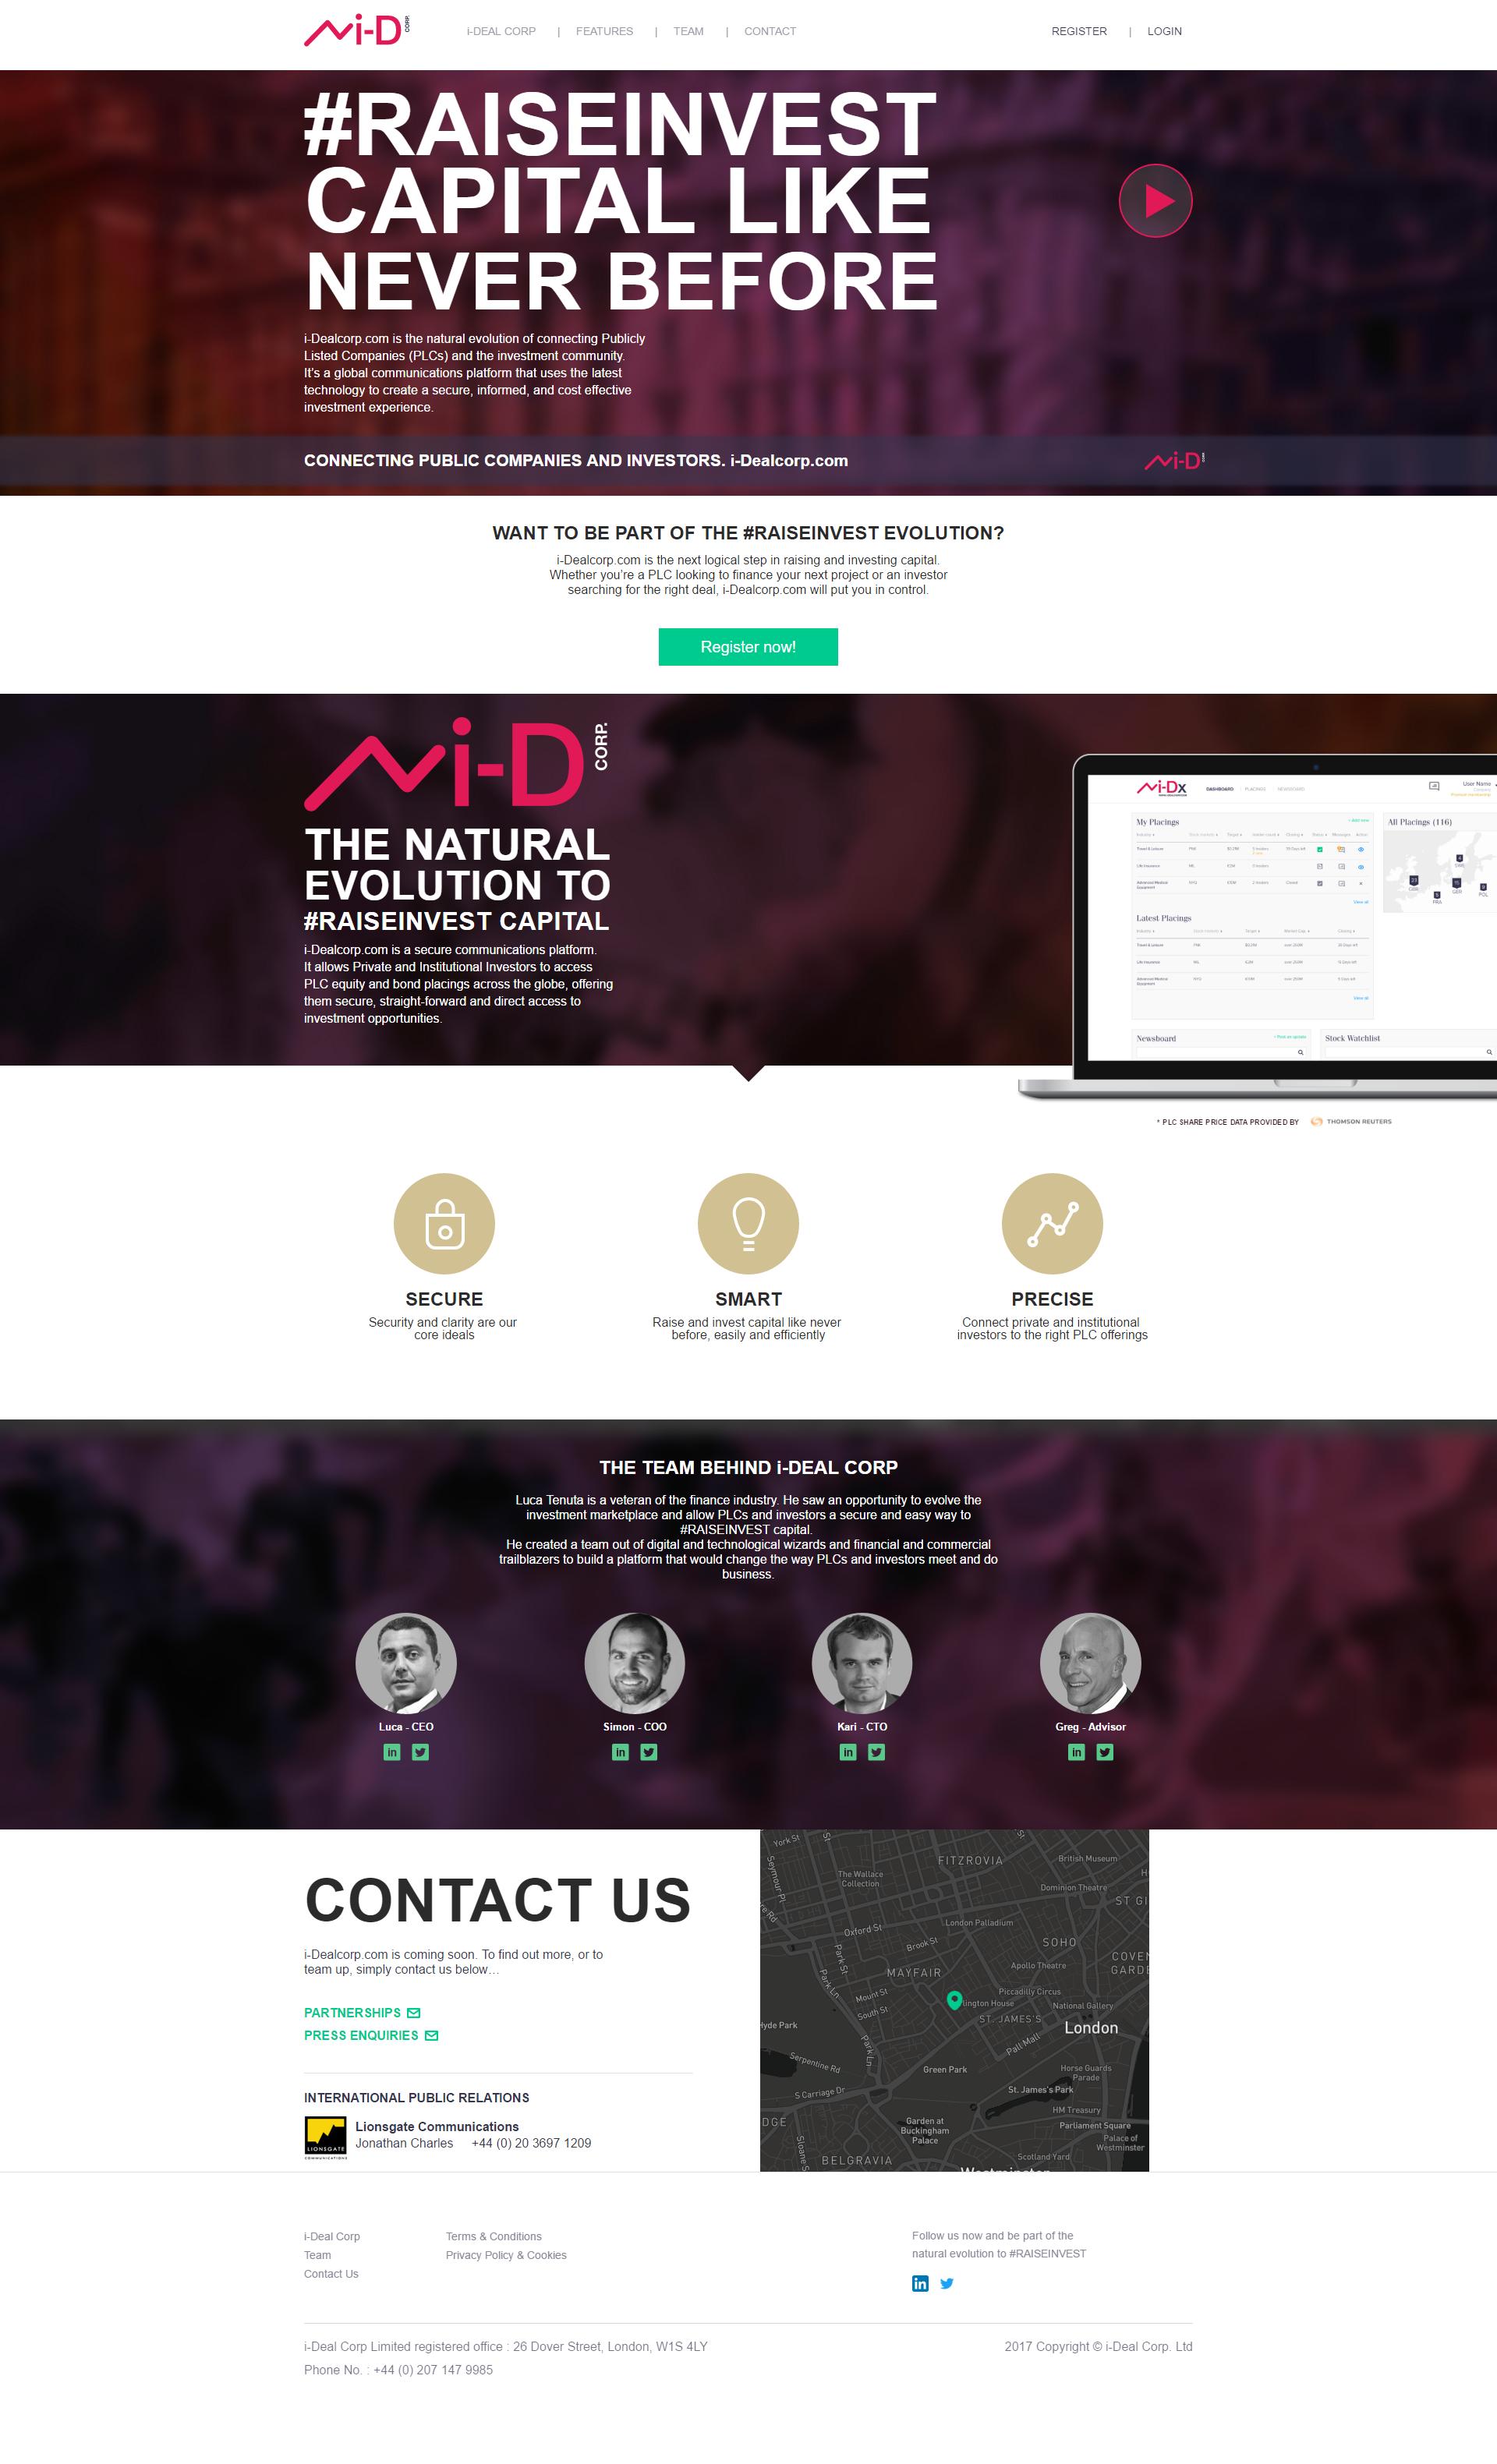 i-Dealcorp.com's Home page